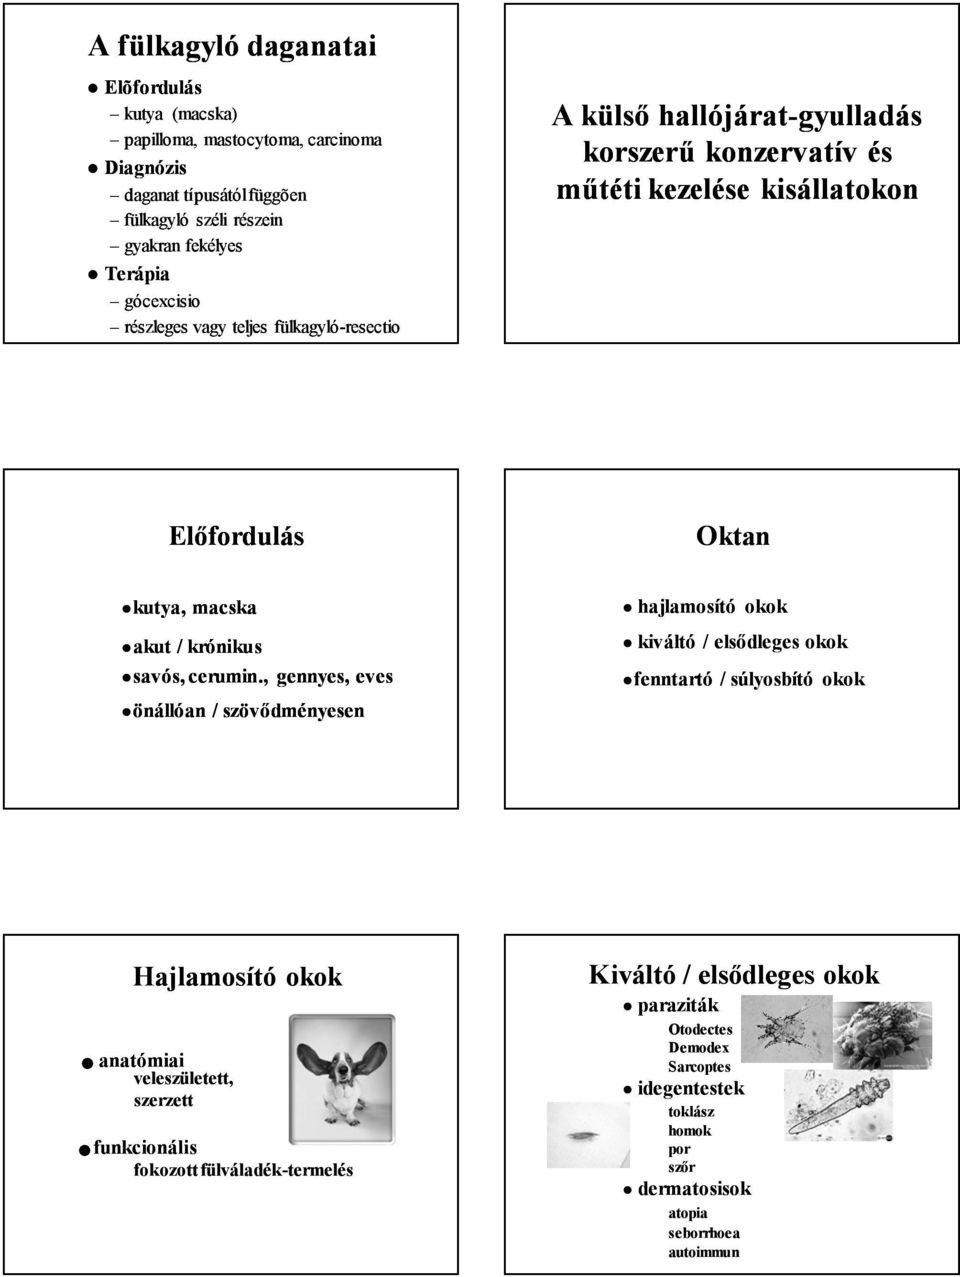 a papillómák a paraziták kezelésének jele